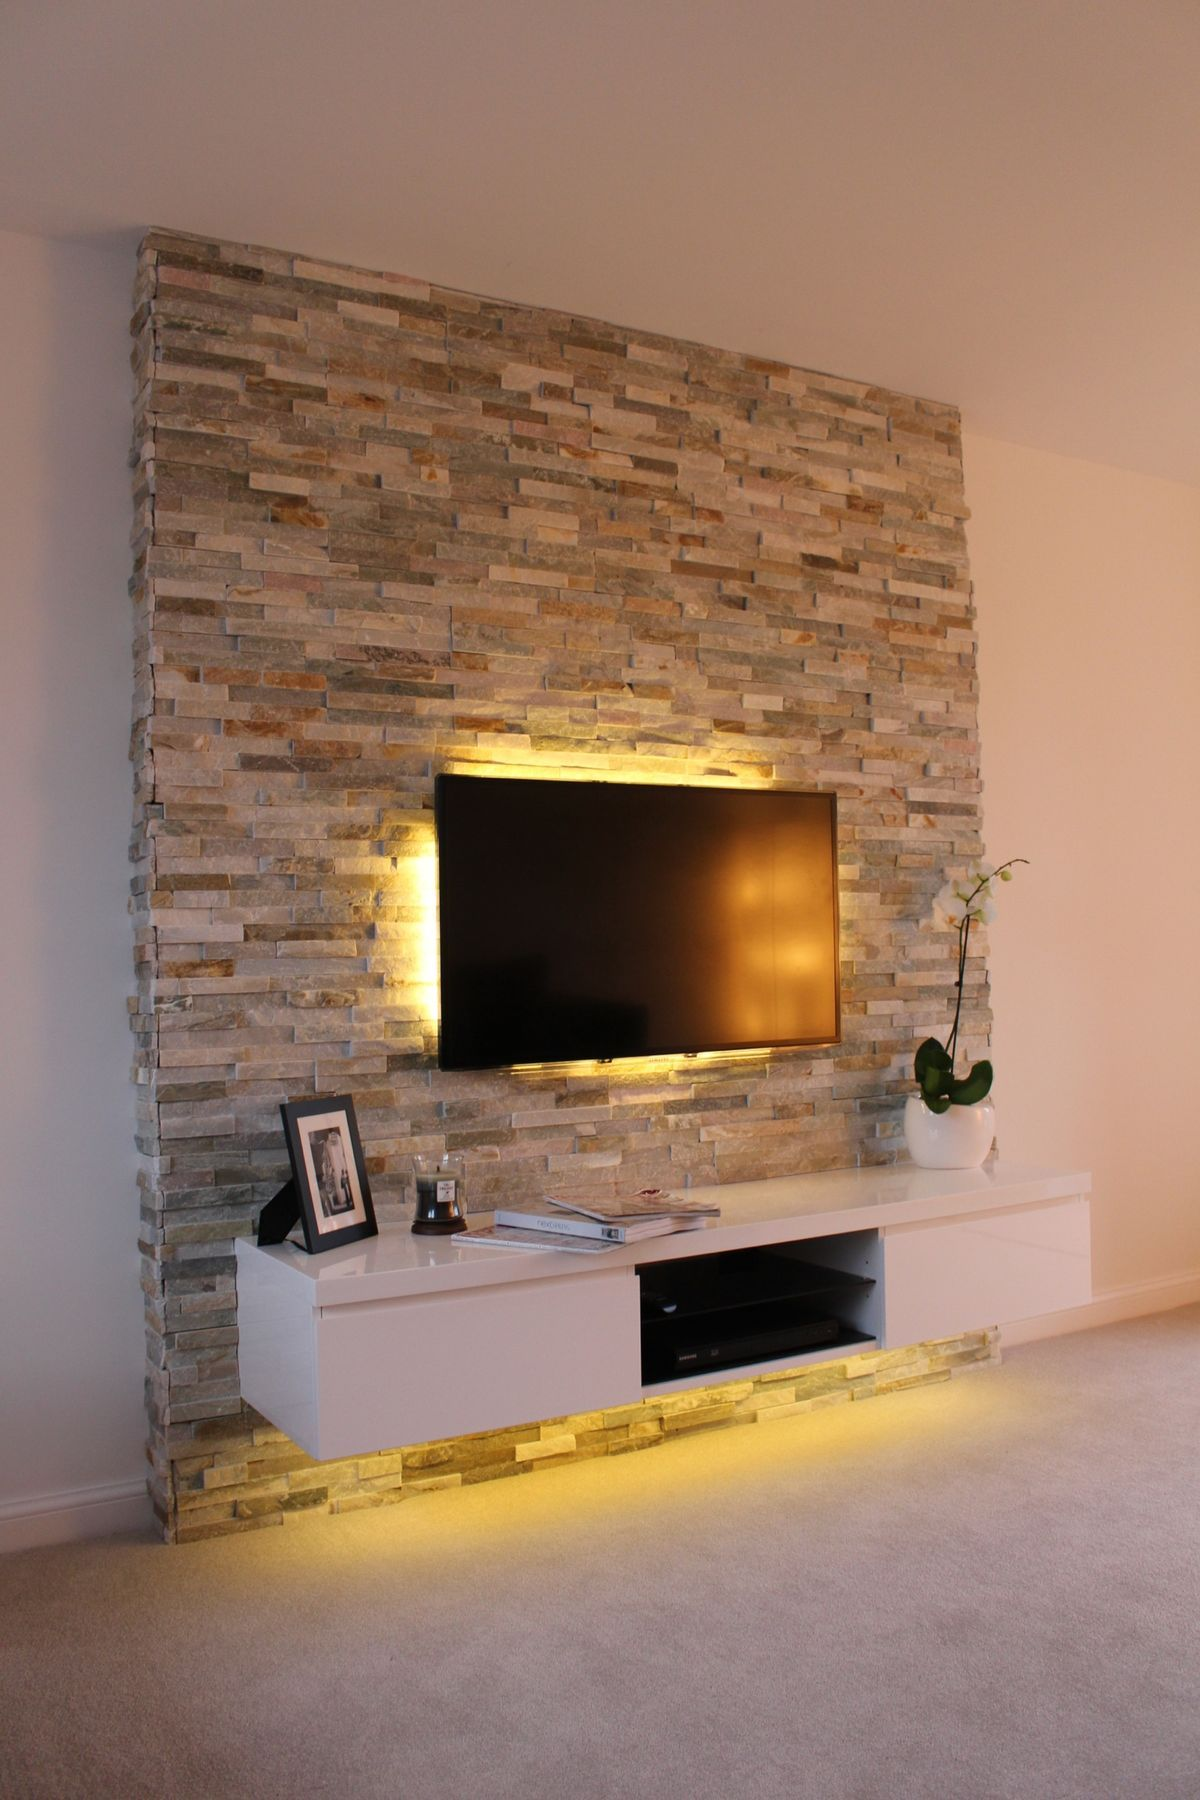 Beleuchtung für die unterputzmontage im esszimmer stone accent tv wall  interior in   pinterest  living room